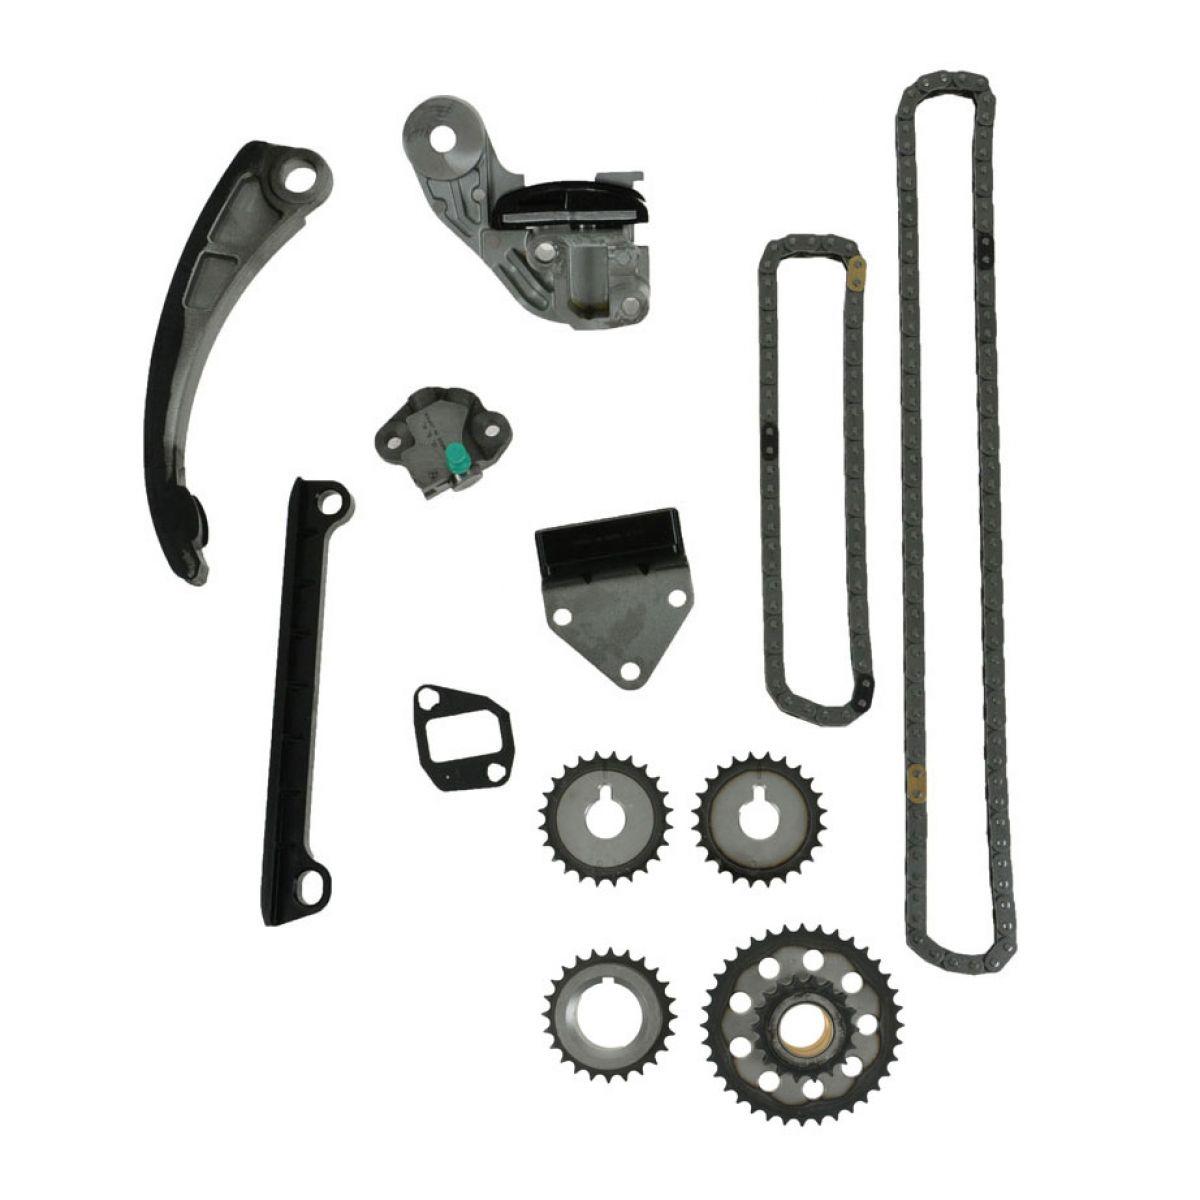 2001 Chevrolet Tracker Camshaft: Timing Chain & Sprocket Set Kit For Tracker Aerio Sidekick